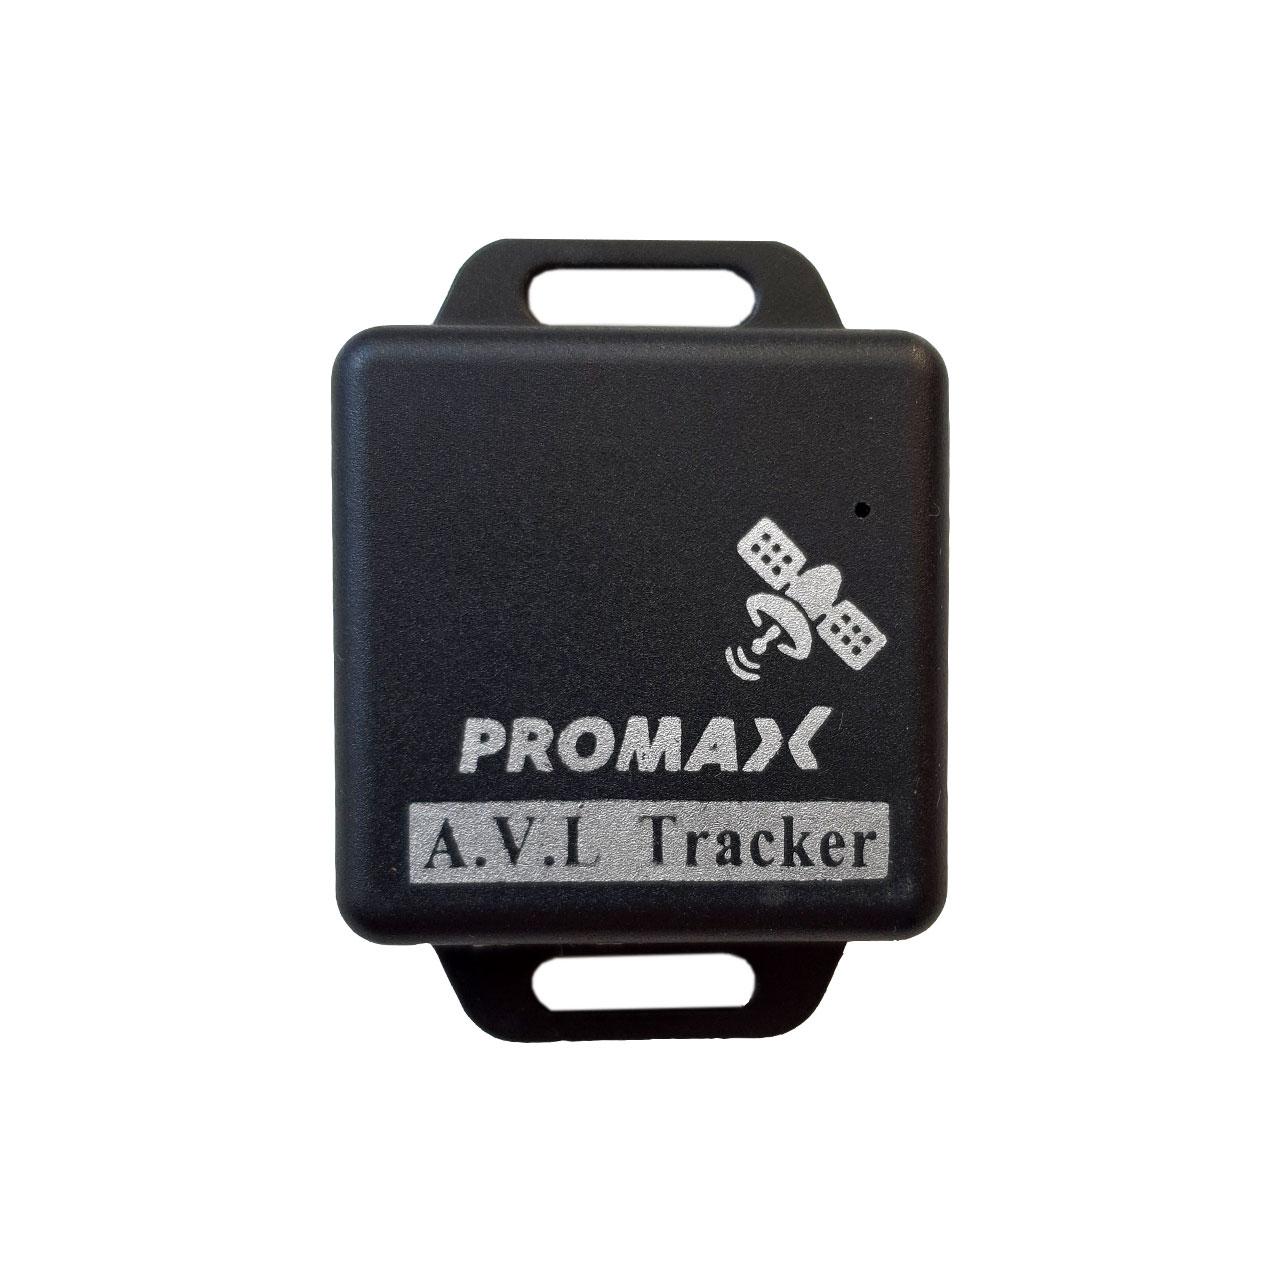 ردیاب خودرو پرومکس مدل PX-8800